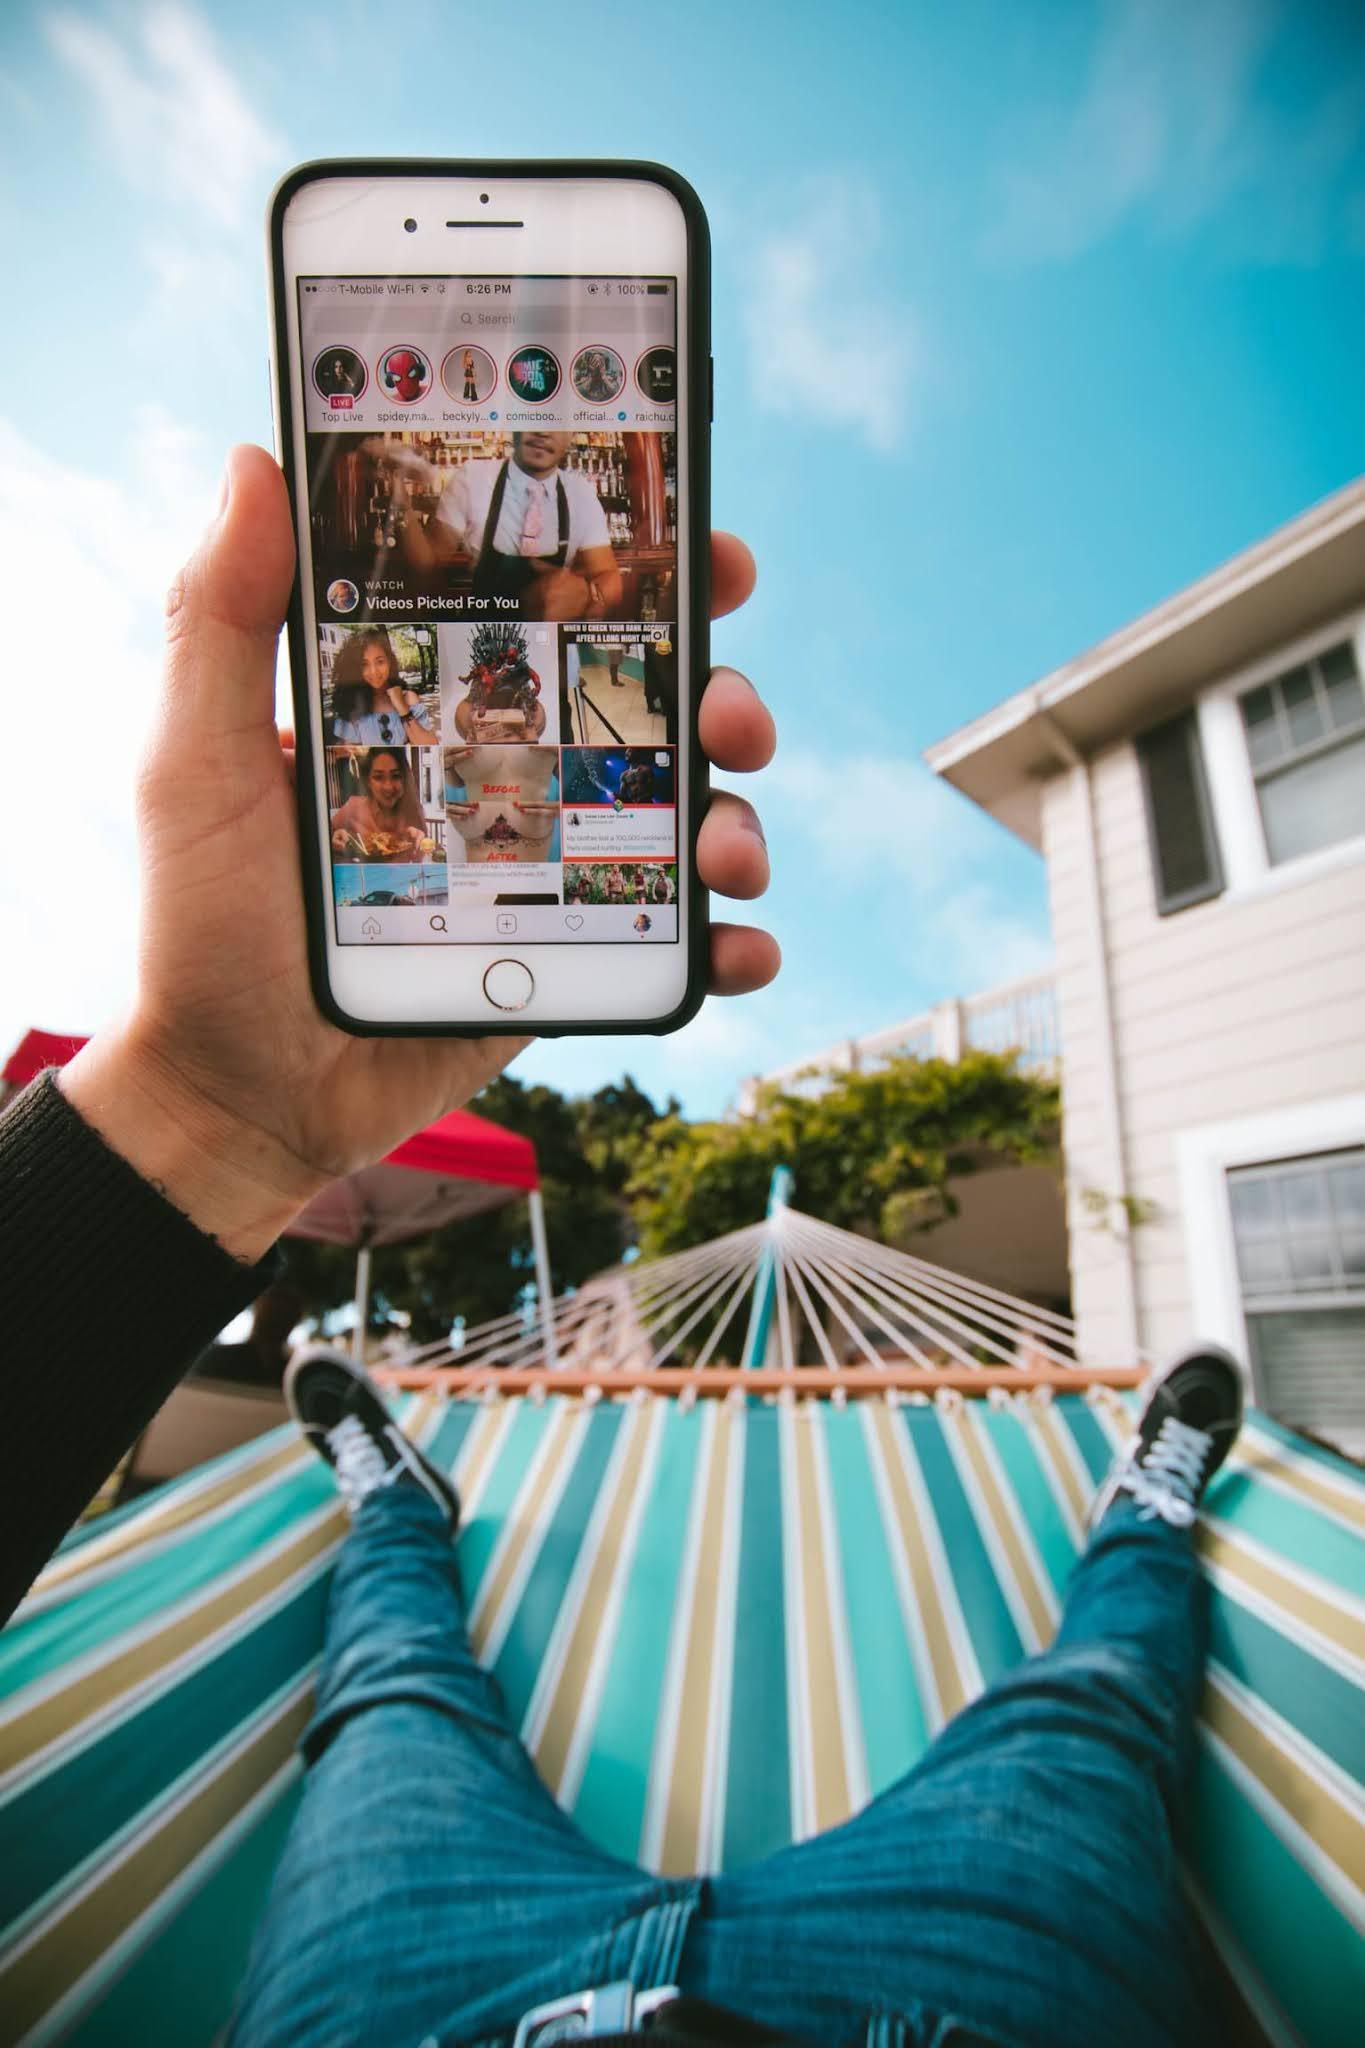 كل ما تود معرفته عن حساب انستقرام التجاري Instagram business لإدارة أعمالك بسهولة